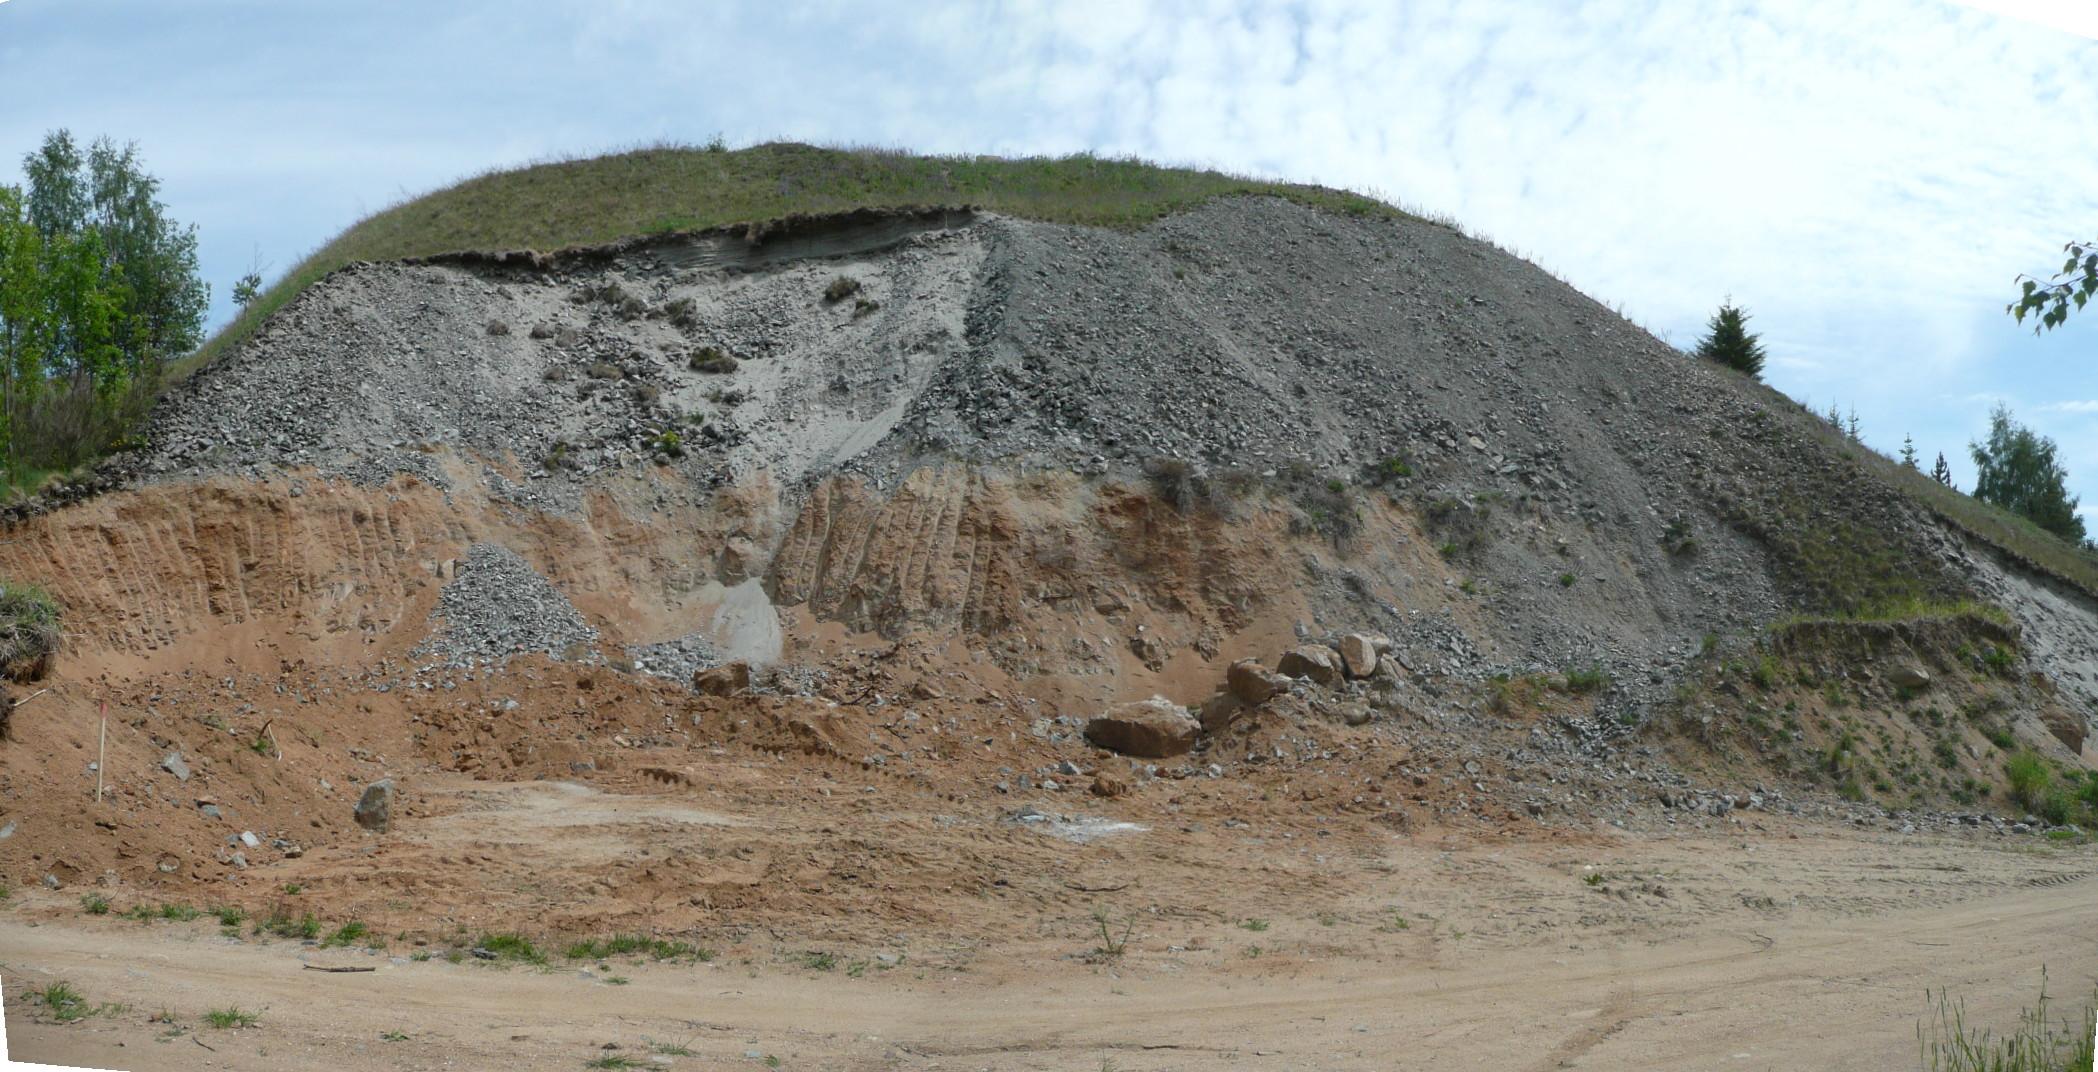 Odkrytá haldovina v západním svahu odvalu dolu Emanuel v Milešově (okres Příbram).